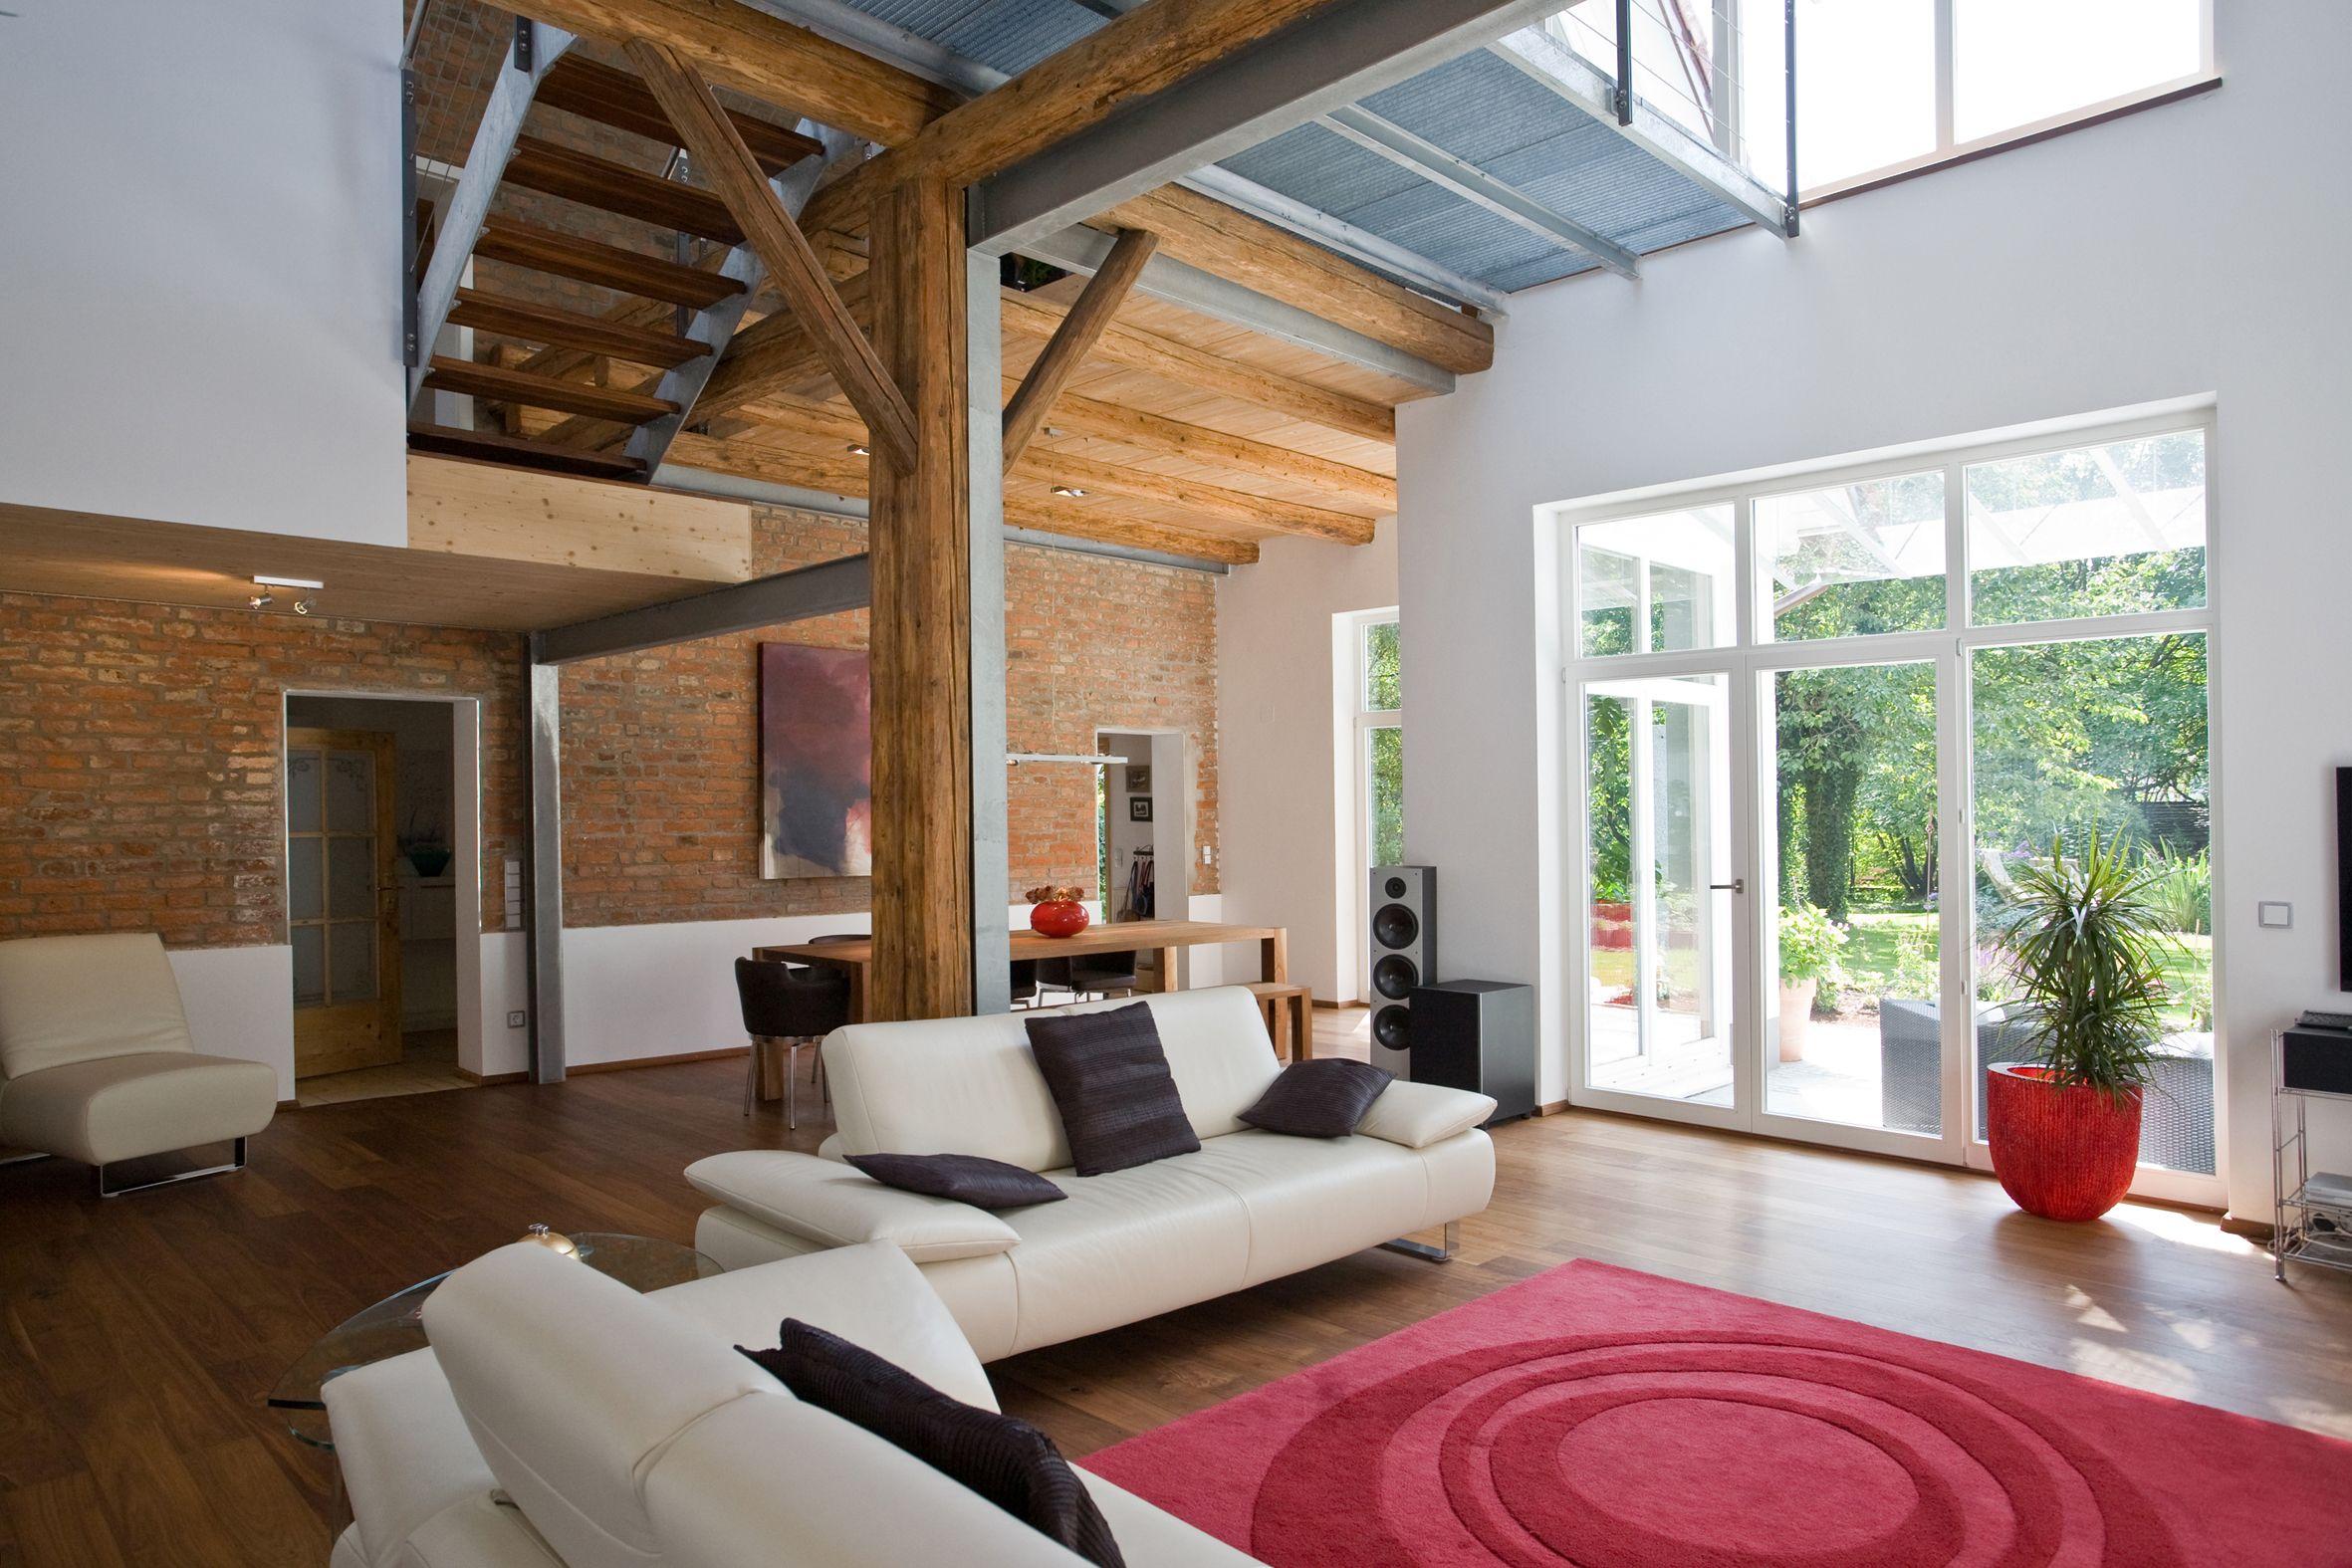 Wohnzimmer Einrichten Kosten Küche Wohnzimmer Durchbruch